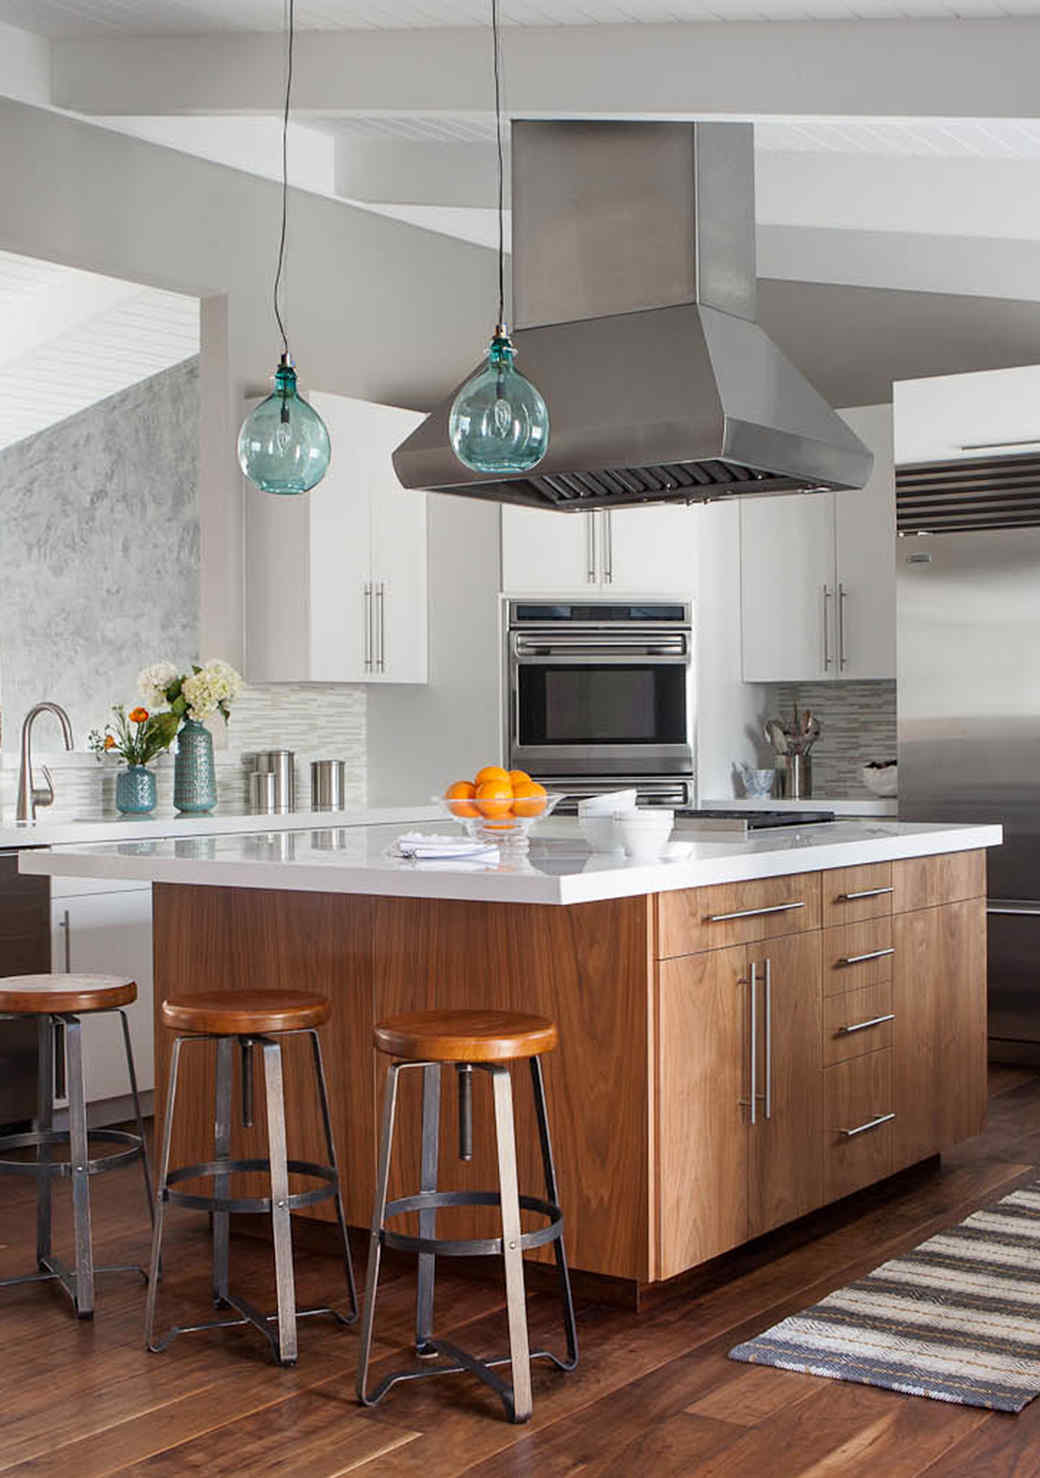 Pictures Of Kitchen Remodels kitchen design ideas | martha stewart